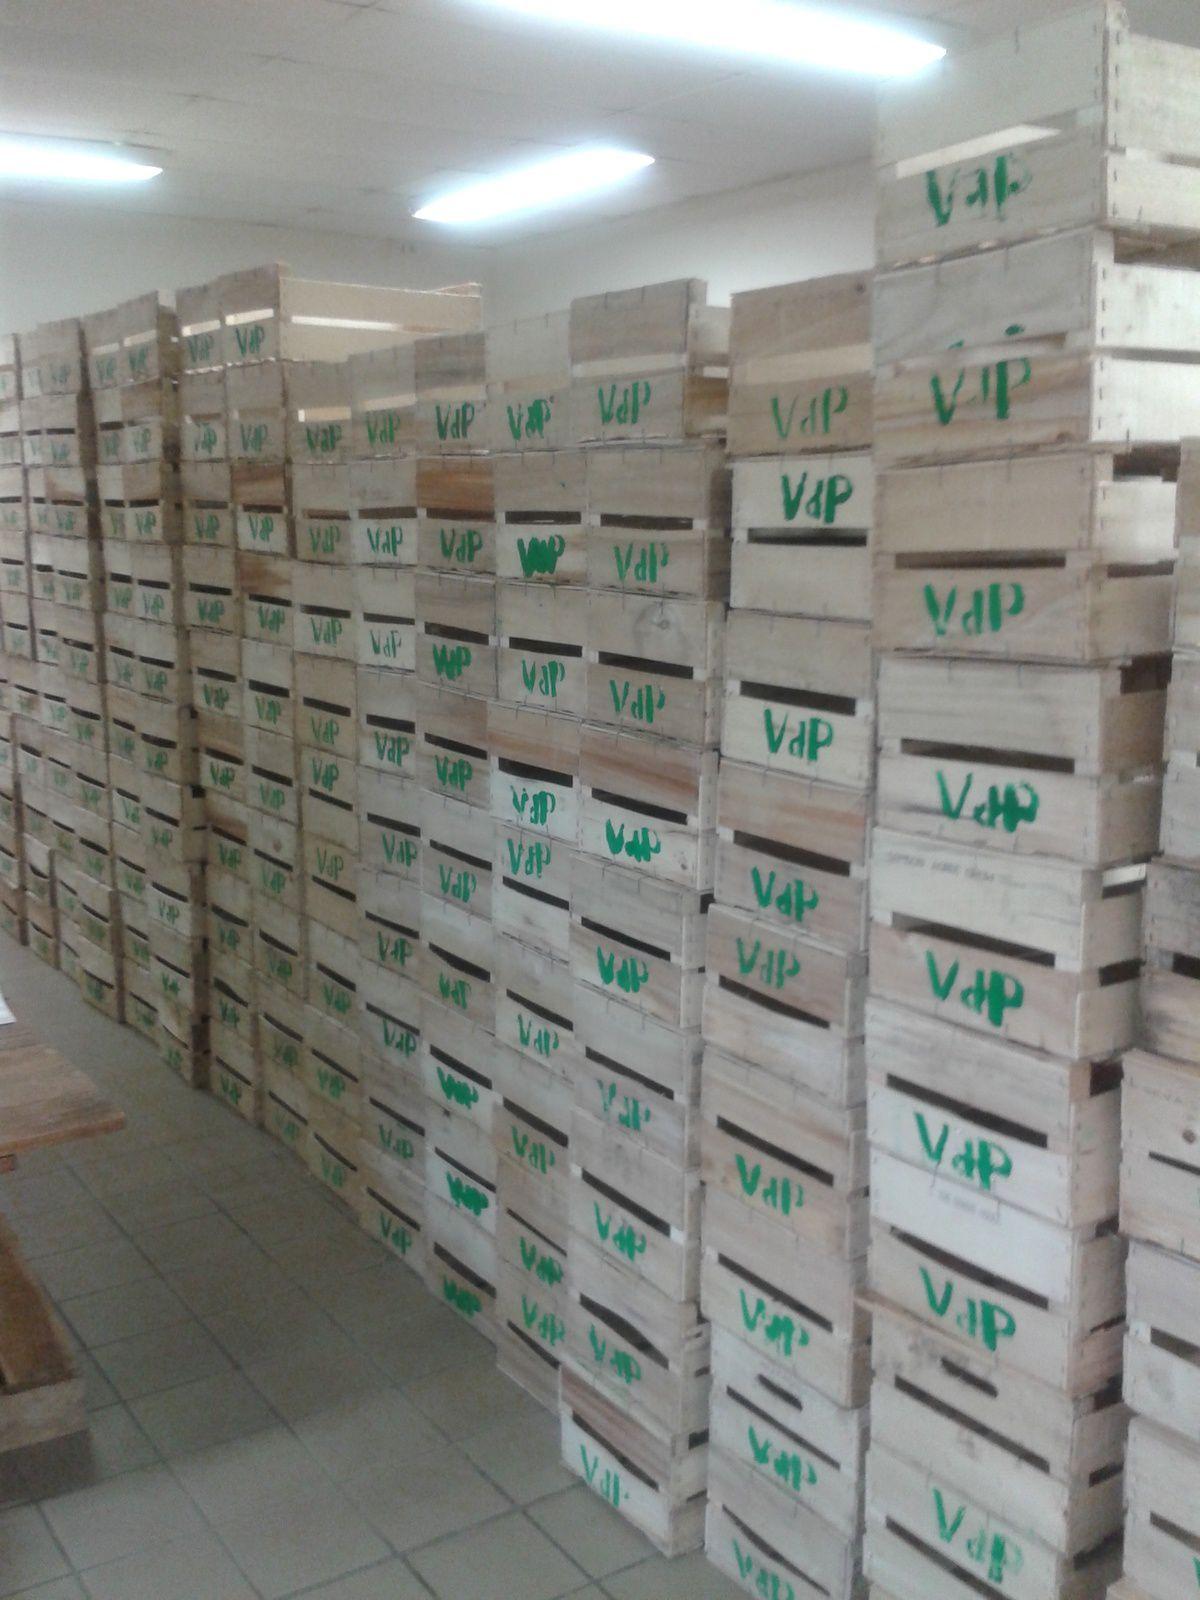 Stock renouvelé de cageots marqués Vdp